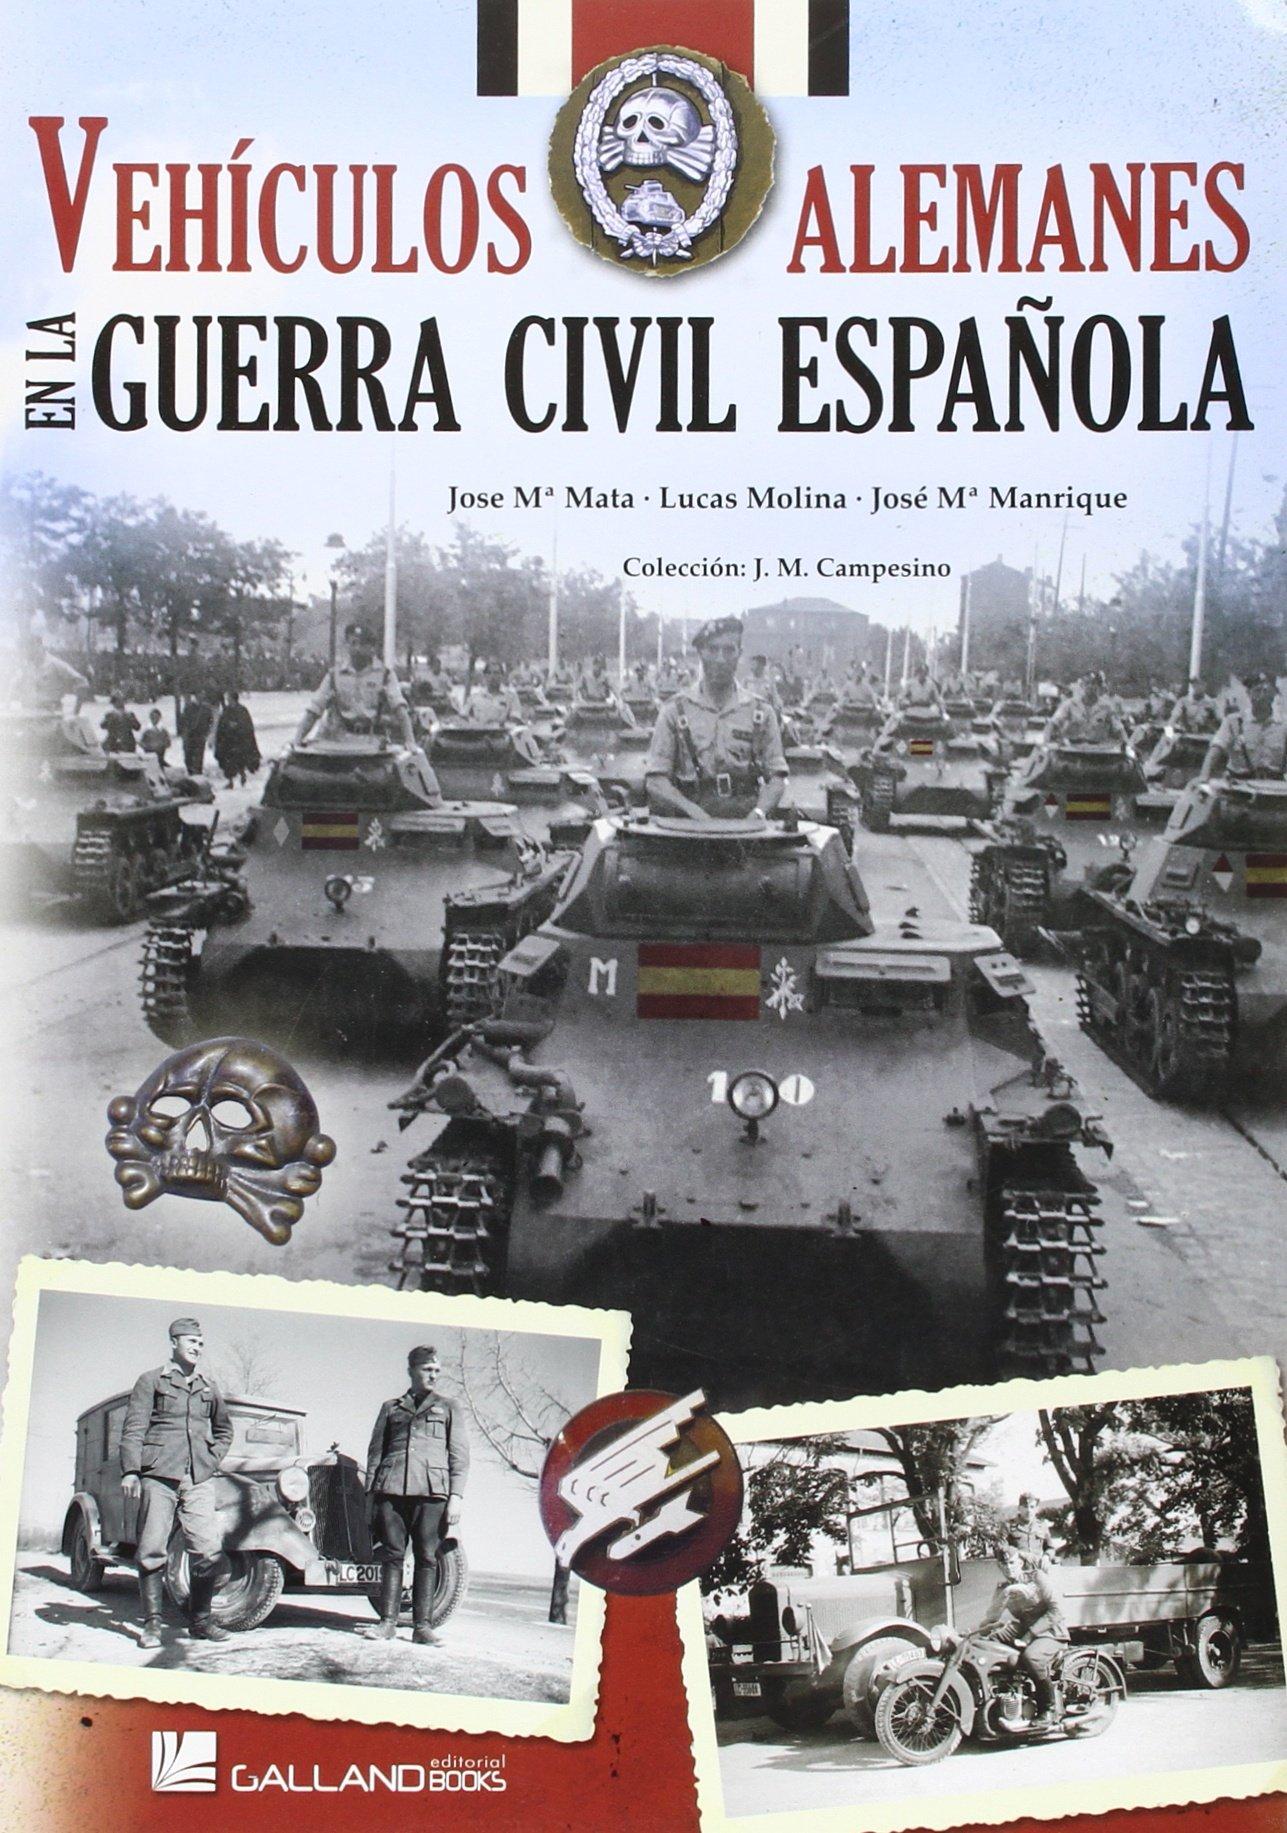 Vehículos Alemanes En La Guerra Civil Española: Amazon.es: Mata Duaso, José María, Molina Franco, Lucas, Manrique García, José María: Libros